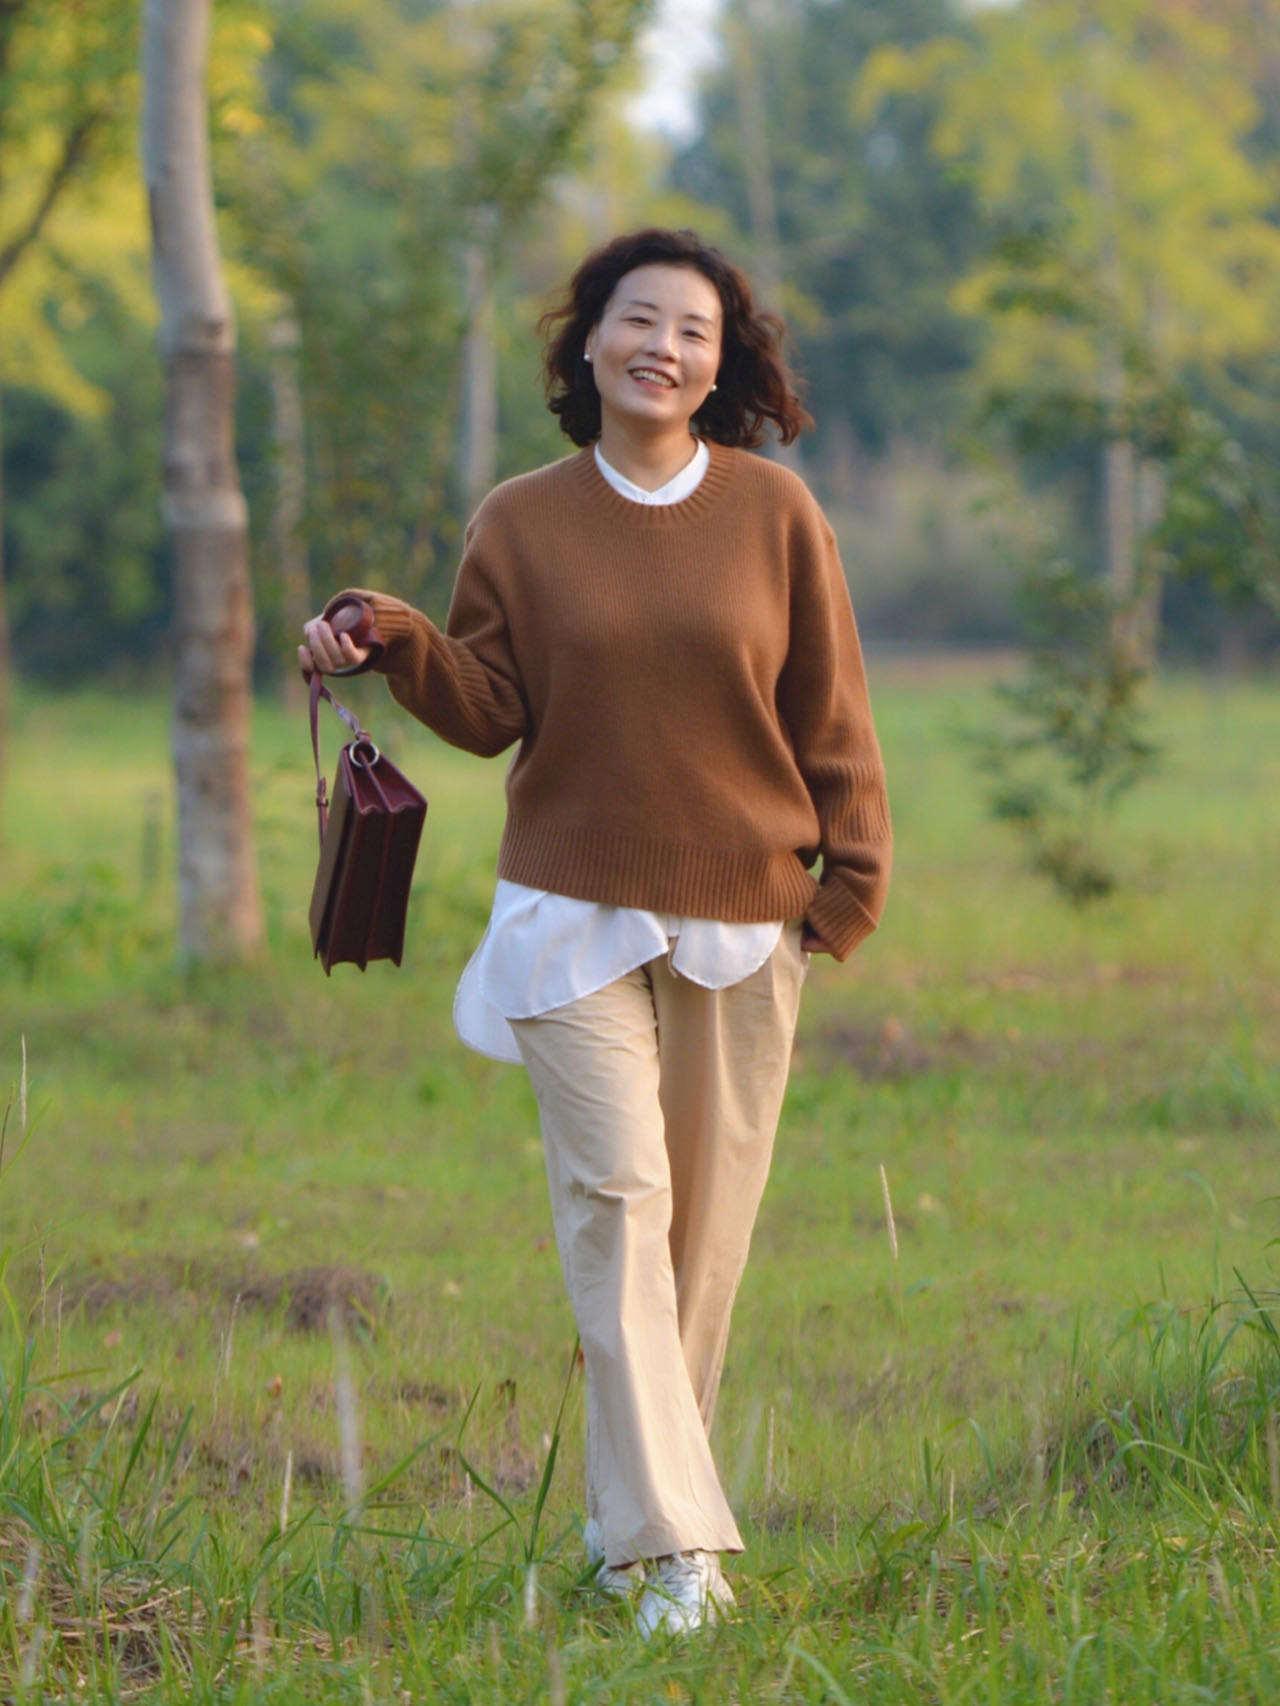 年过50岁的女性,穿运动鞋少配修身裤,运动鞋+阔腿裤,休闲时髦